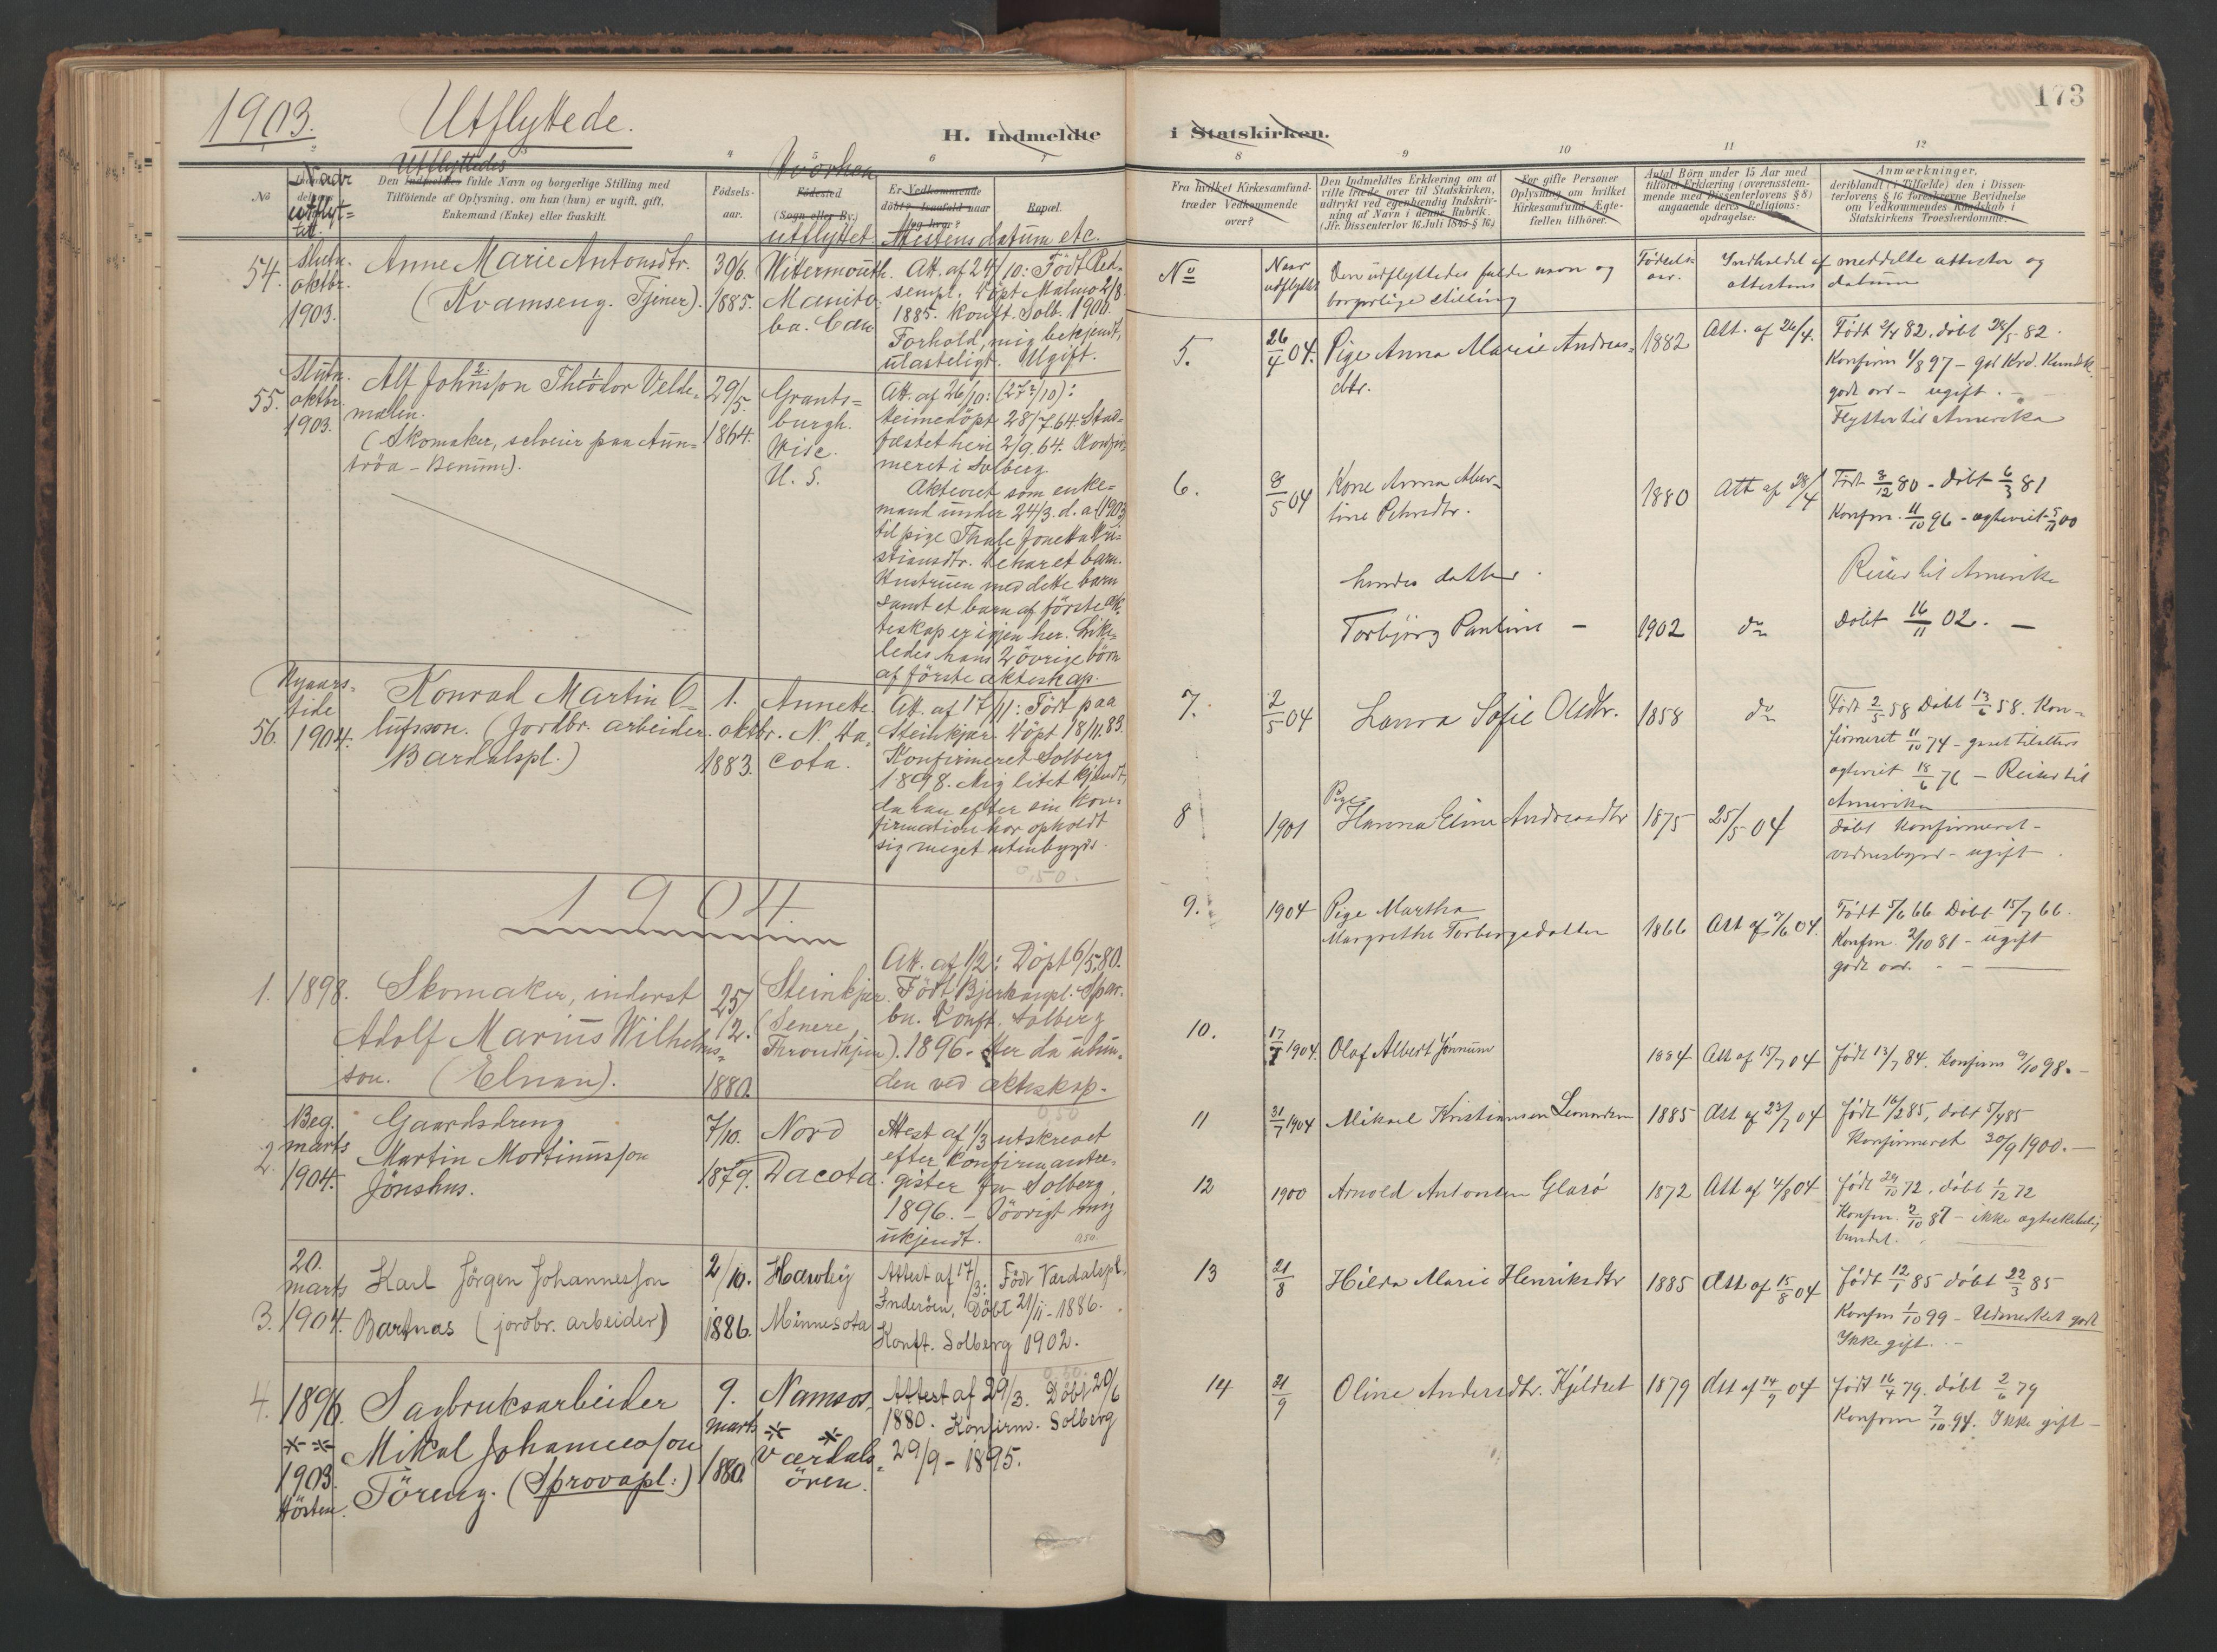 SAT, Ministerialprotokoller, klokkerbøker og fødselsregistre - Nord-Trøndelag, 741/L0397: Ministerialbok nr. 741A11, 1901-1911, s. 173